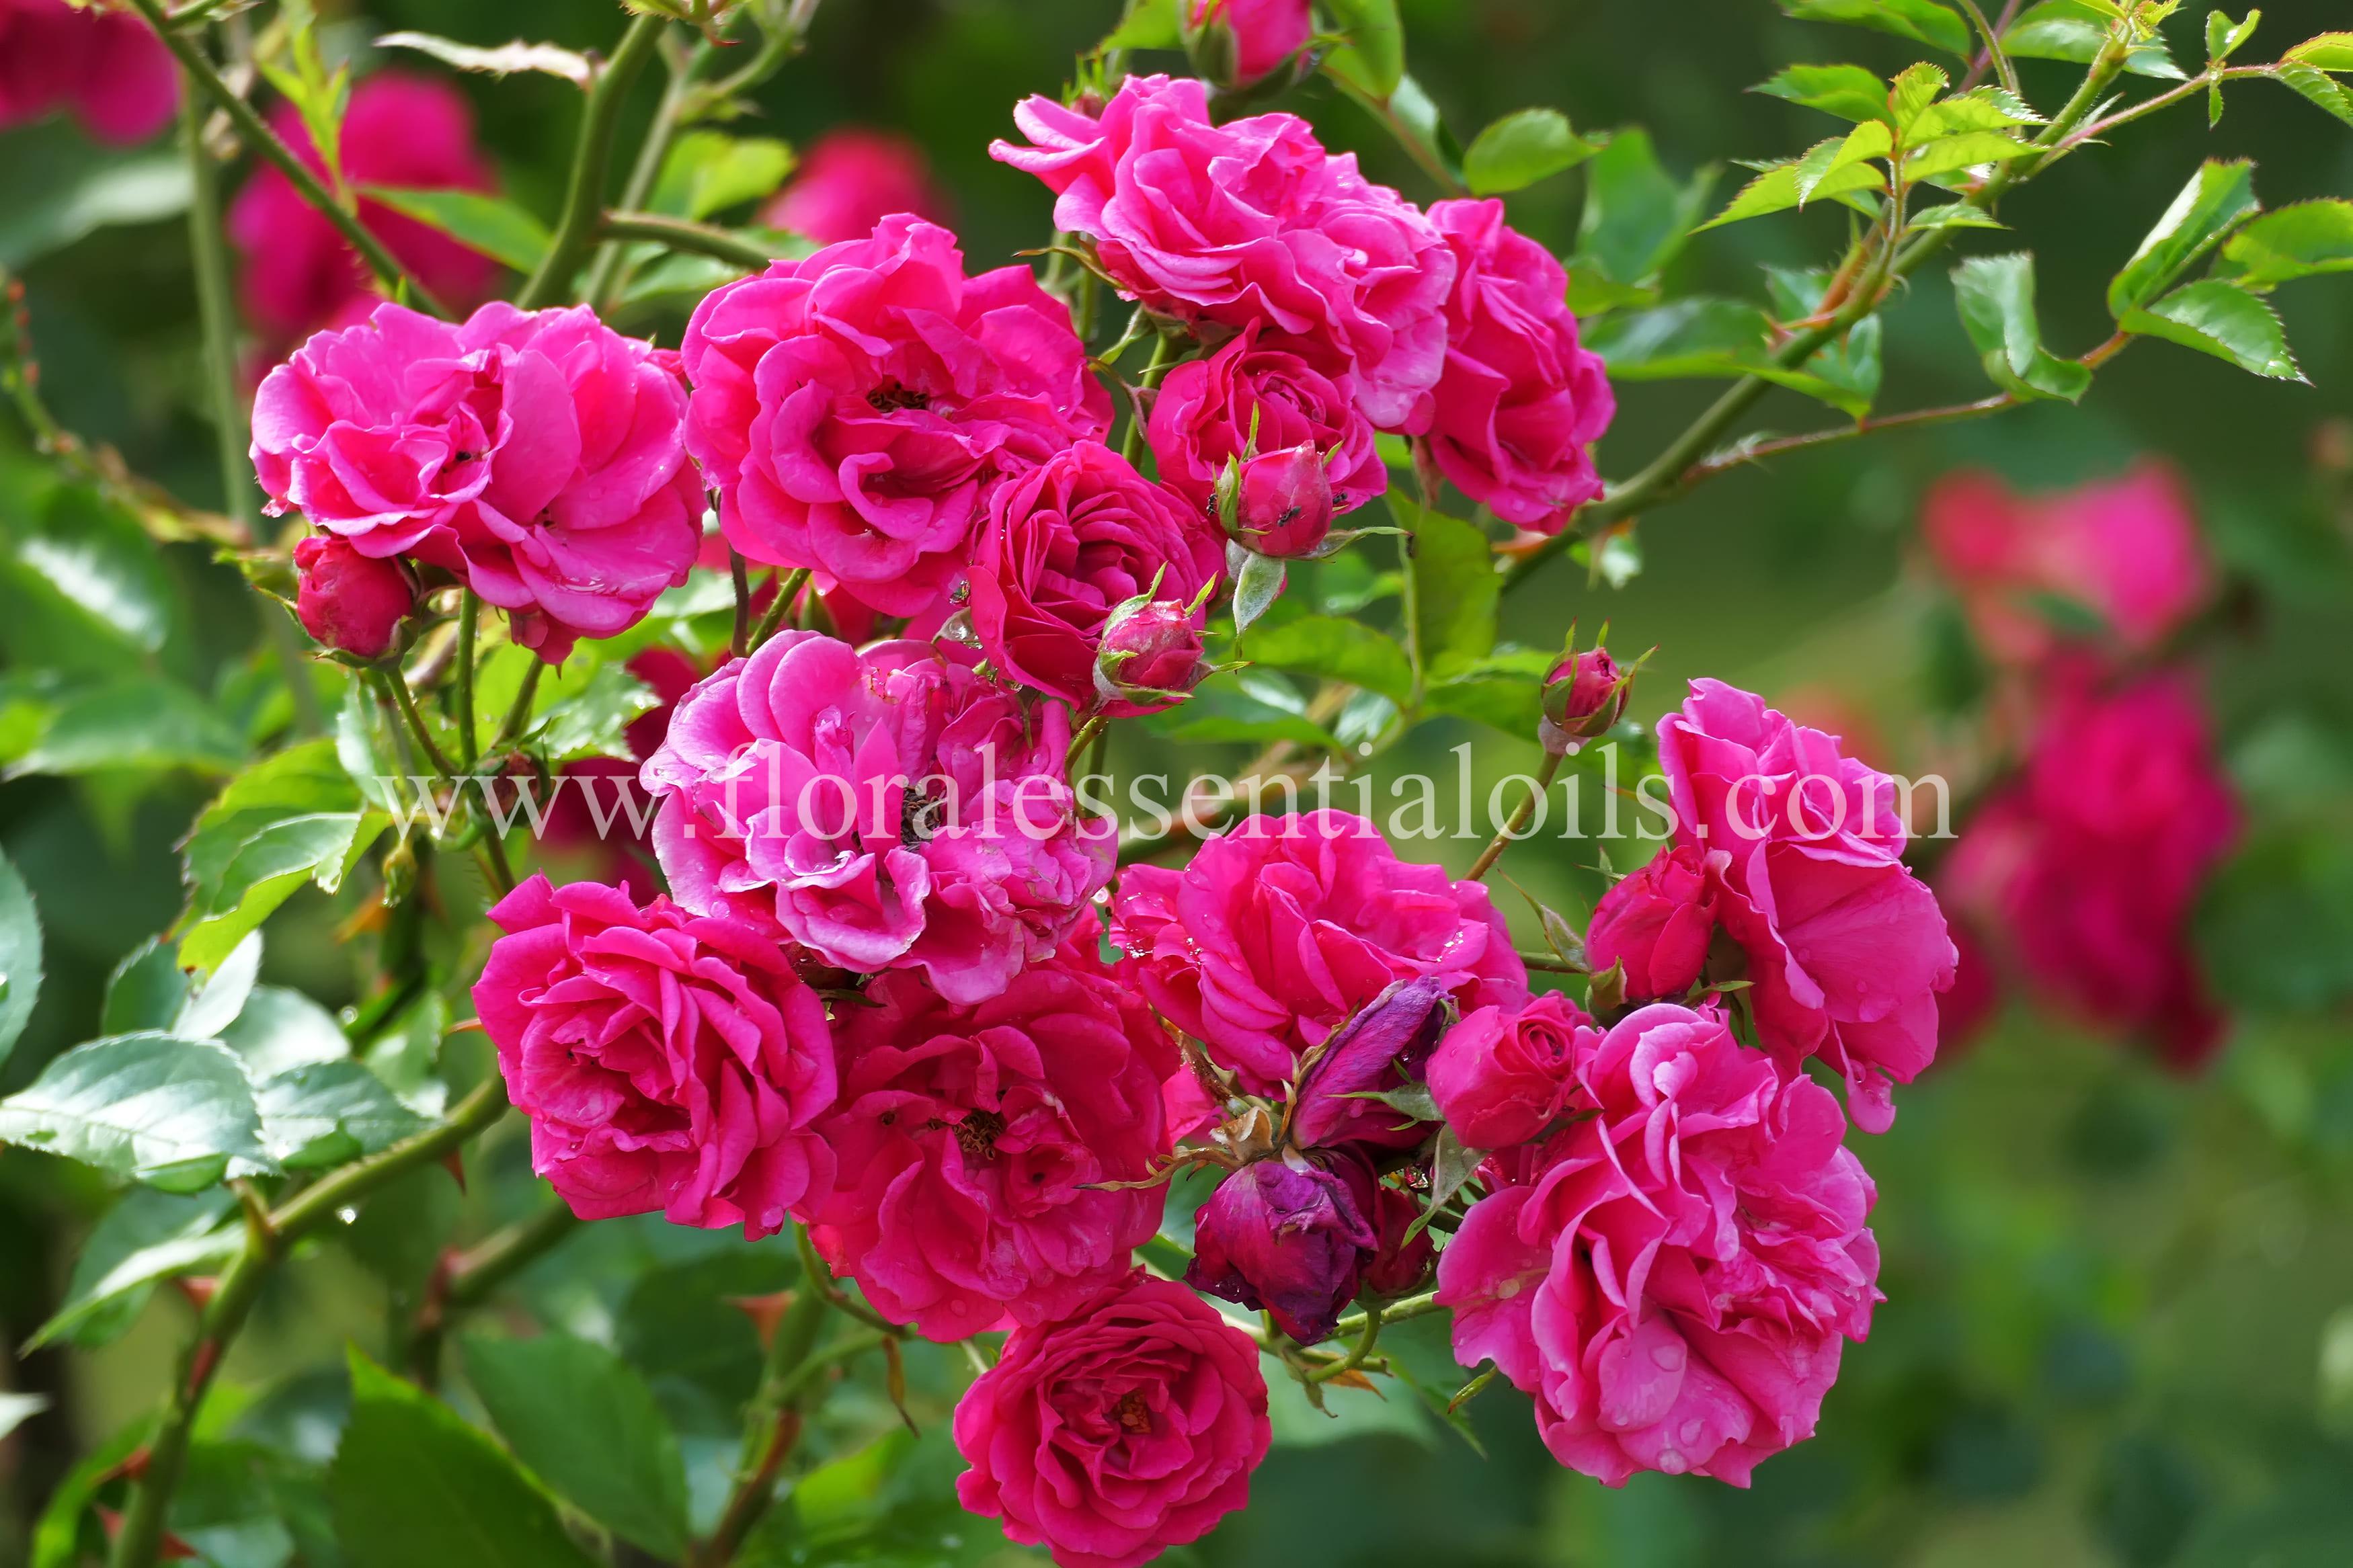 Rose Absolute (Bulgaria)